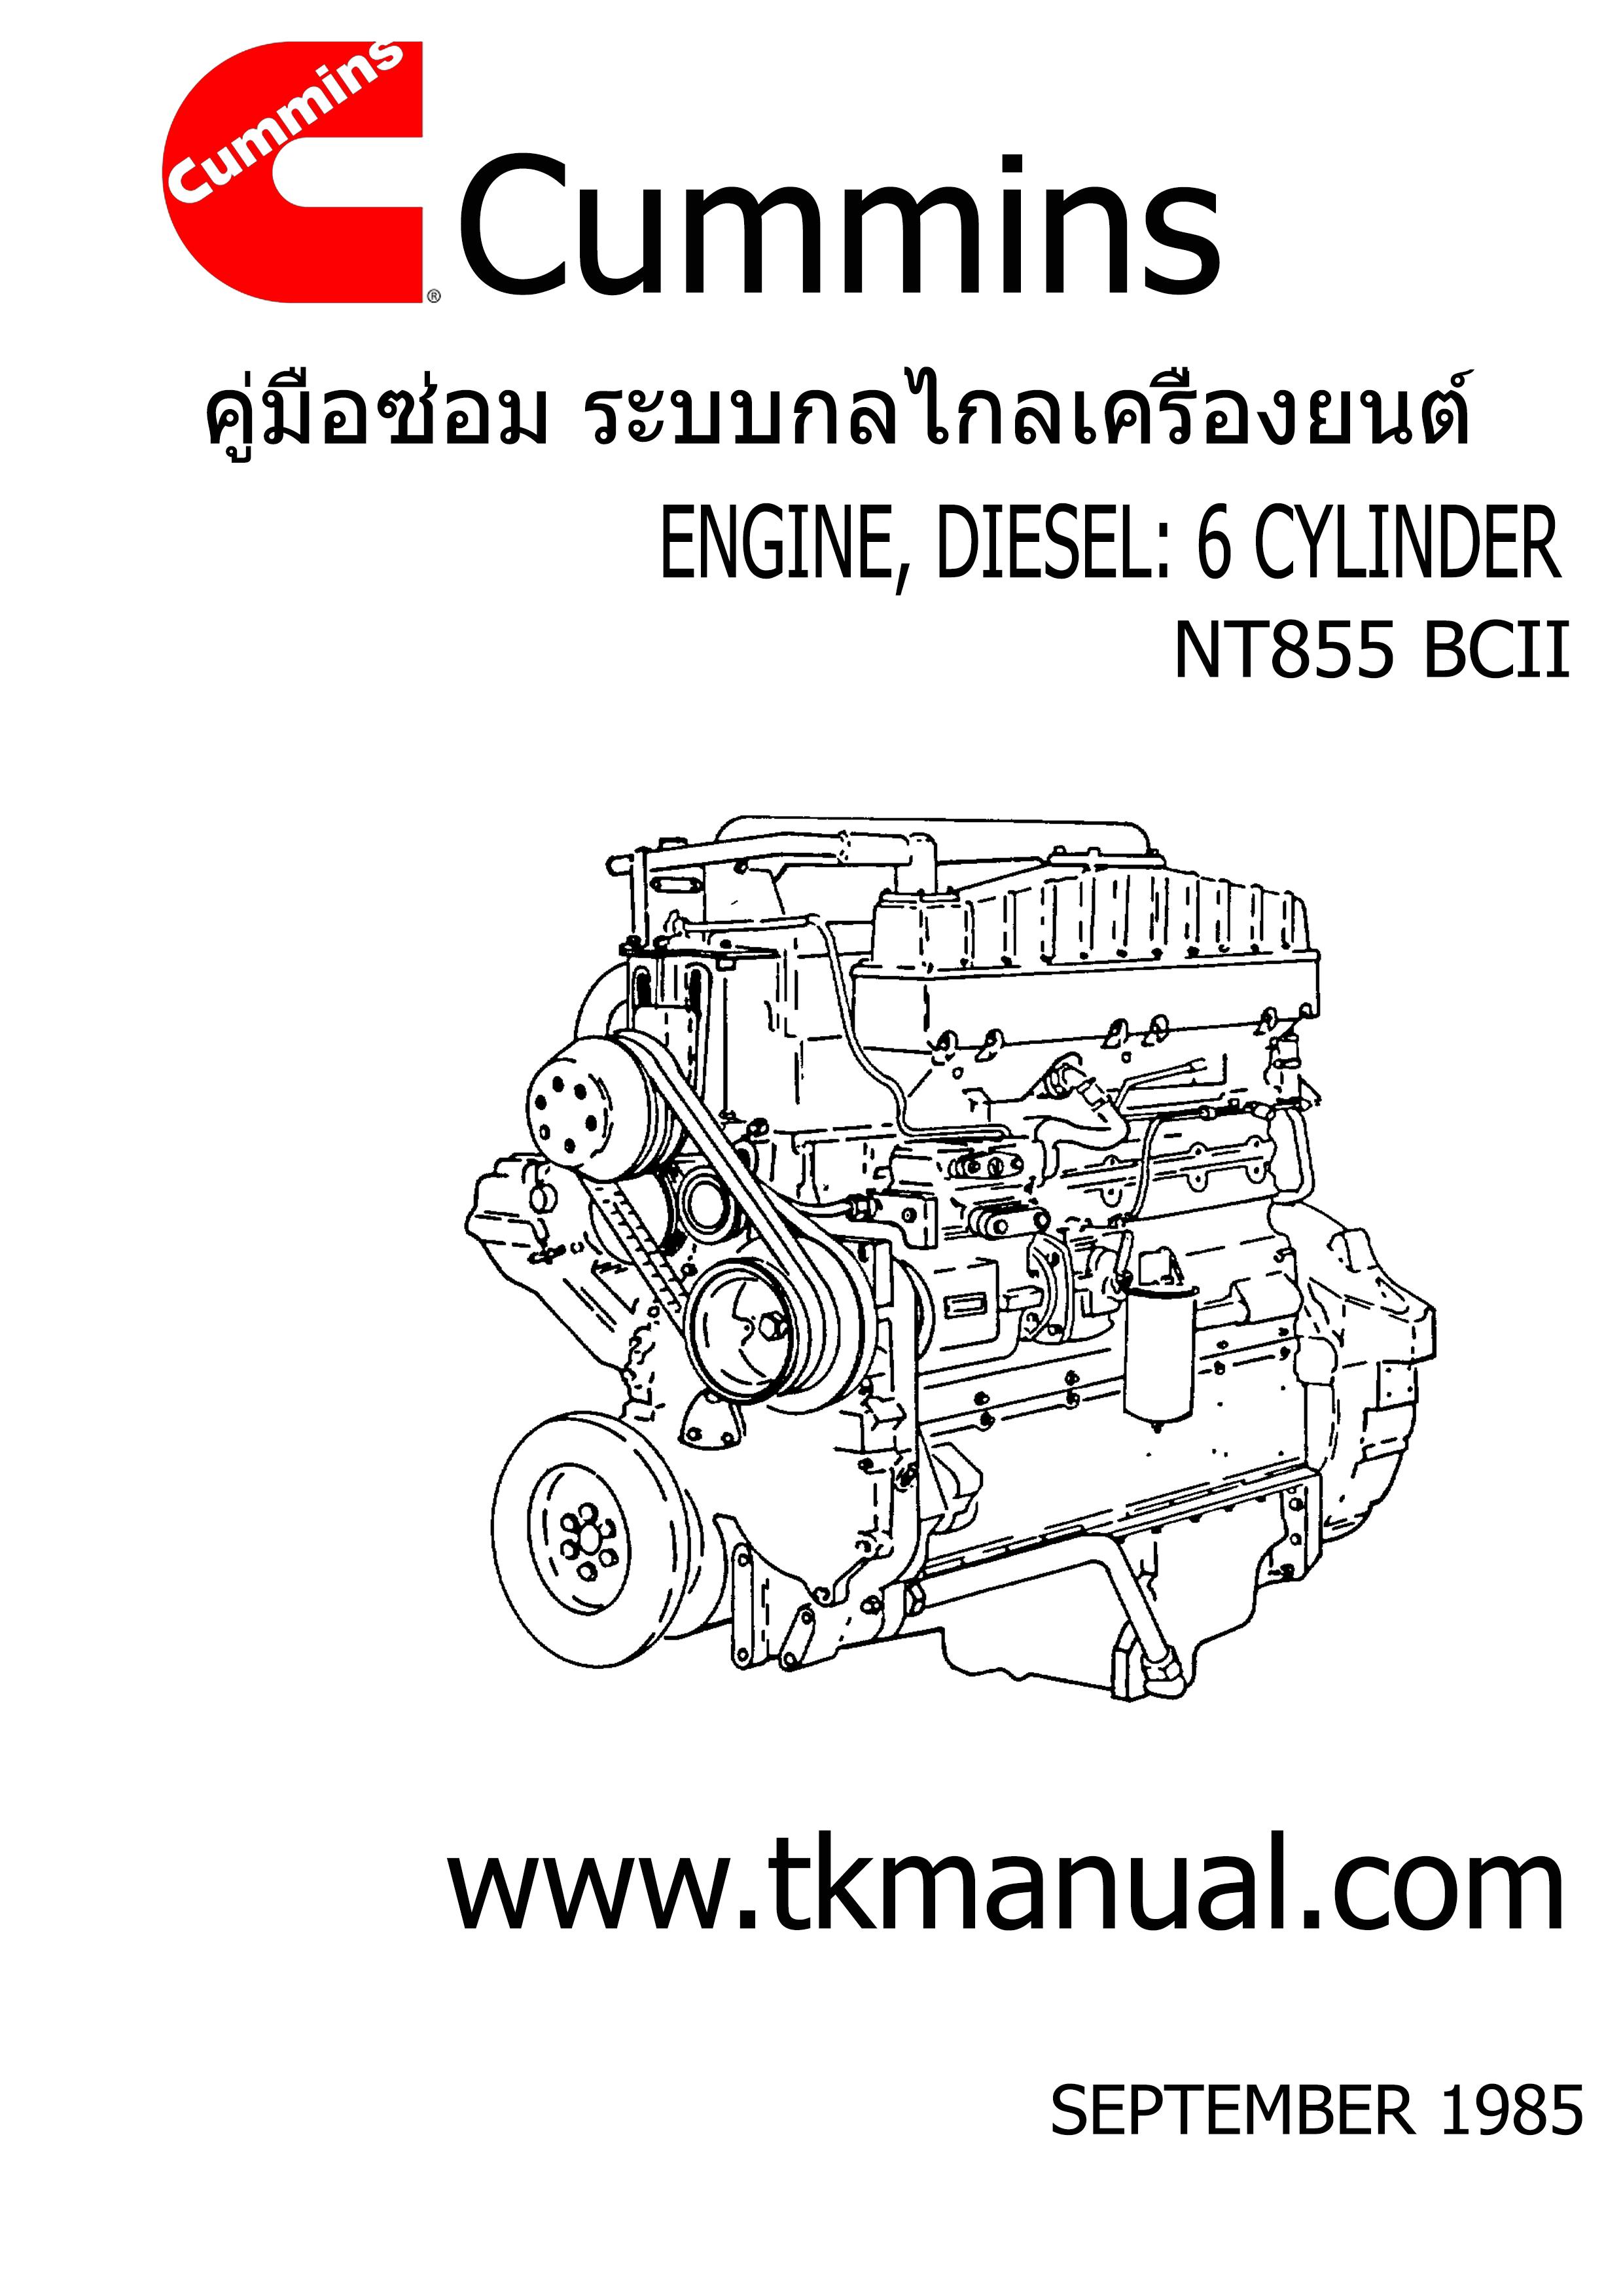 หนังสือ คู่มือซ่อม ระบบกลไกเครื่องยนต์ จักรกลหนัก Cummins ENGINE DIESEL 6 สูบ (2001-9)